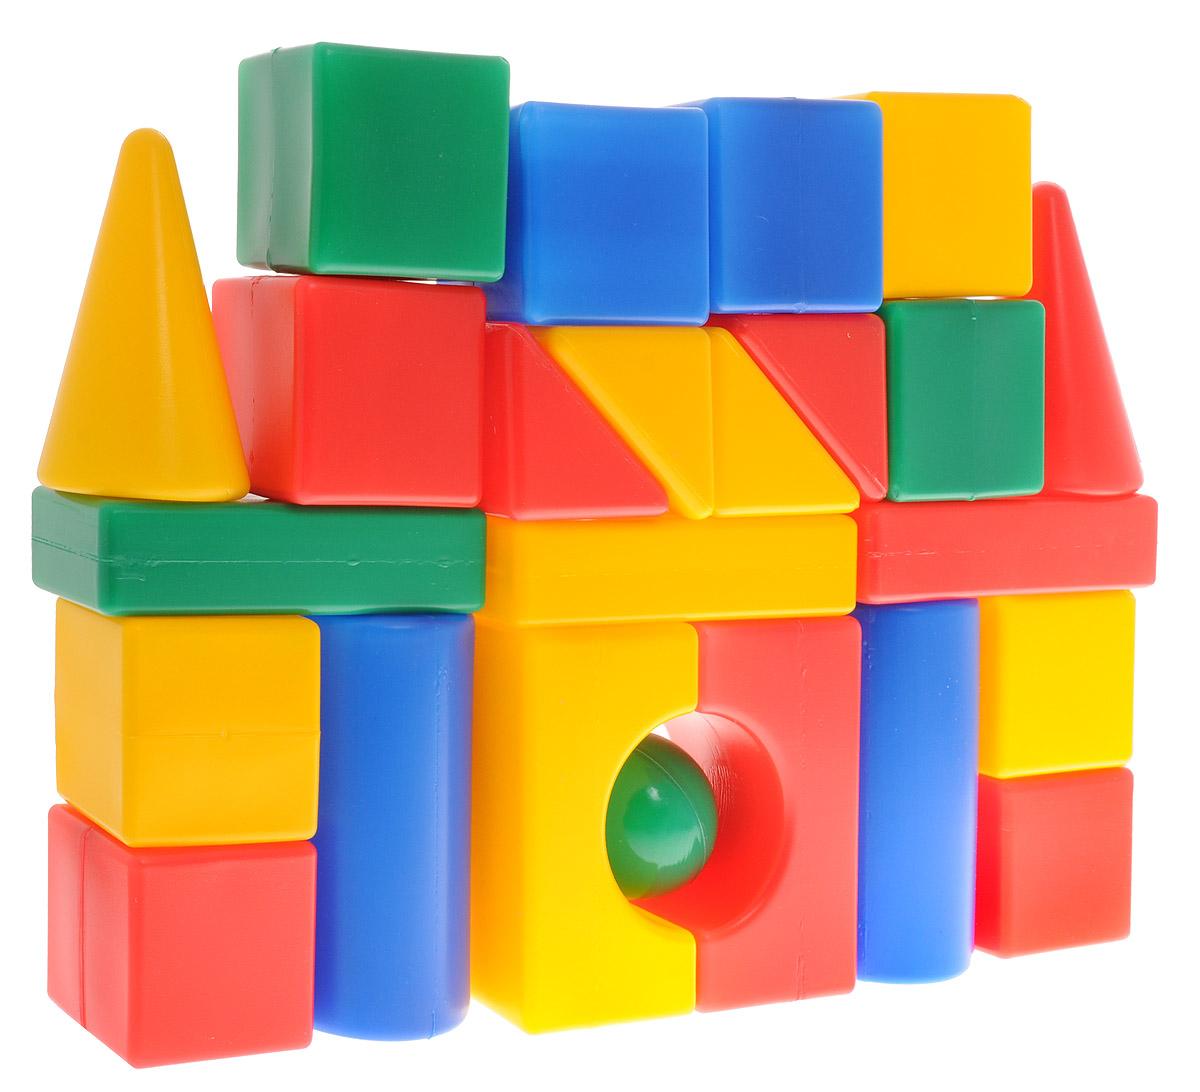 """Яркий конструктор """"Мой городок"""" привлечет внимание вашего ребенка и не позволит ему скучать. Это яркие, вариативные по форме и размерам детали, которые могут послужить материалом для создания целого городка, домика и всего, что ему подскажет фантазия. Из кубиков можно построить оригинальные здания и башни, выдумывать новые игры и формы. Элементы конструктора крупные, поэтому ребенку будет легко и удобно играть с ними. Все элементы изготовлены из высококачественных материалов, которые абсолютно безопасны для ребенка. Конструктор состоит из 24 крупных деталей. Игра с конструктором поможет ребенку научиться соотносить форму и величину предметов, развить мелкую моторику рук, логическое и пространственное мышление и творческие способности, а также поспособствует развитию концентрации внимания и усидчивости."""